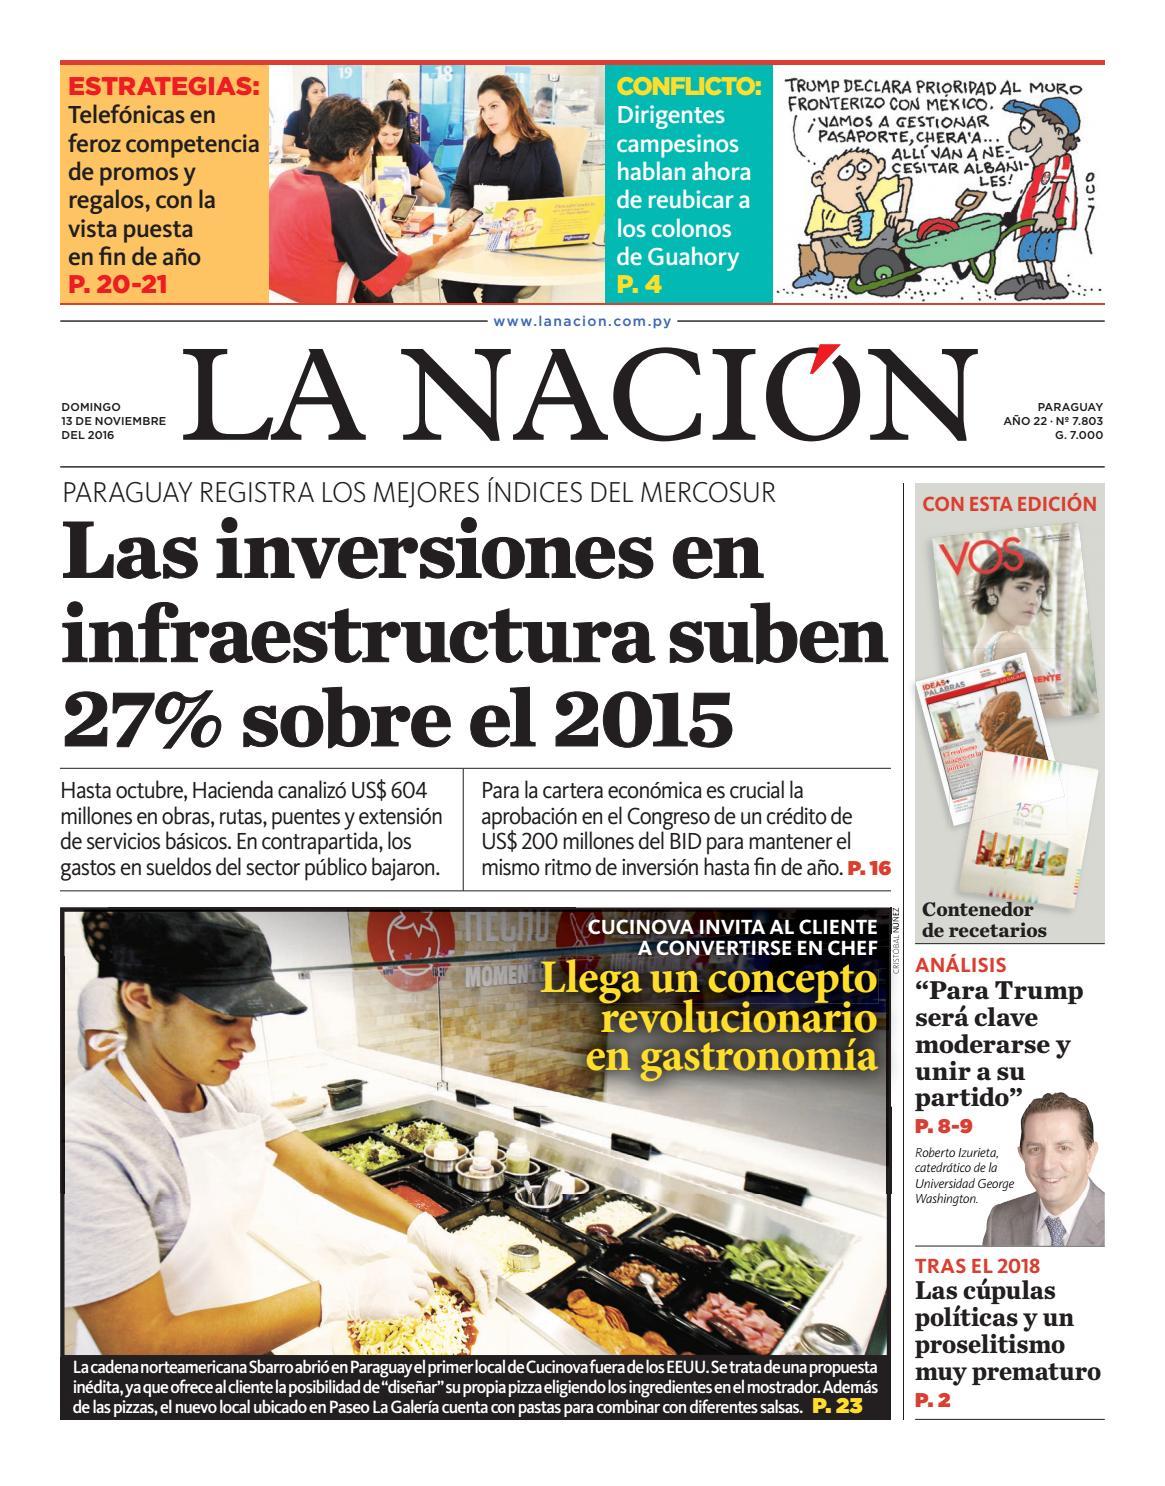 DIARIO LA NACIÓN EDICIÓN 7.803 by La Nación - issuu